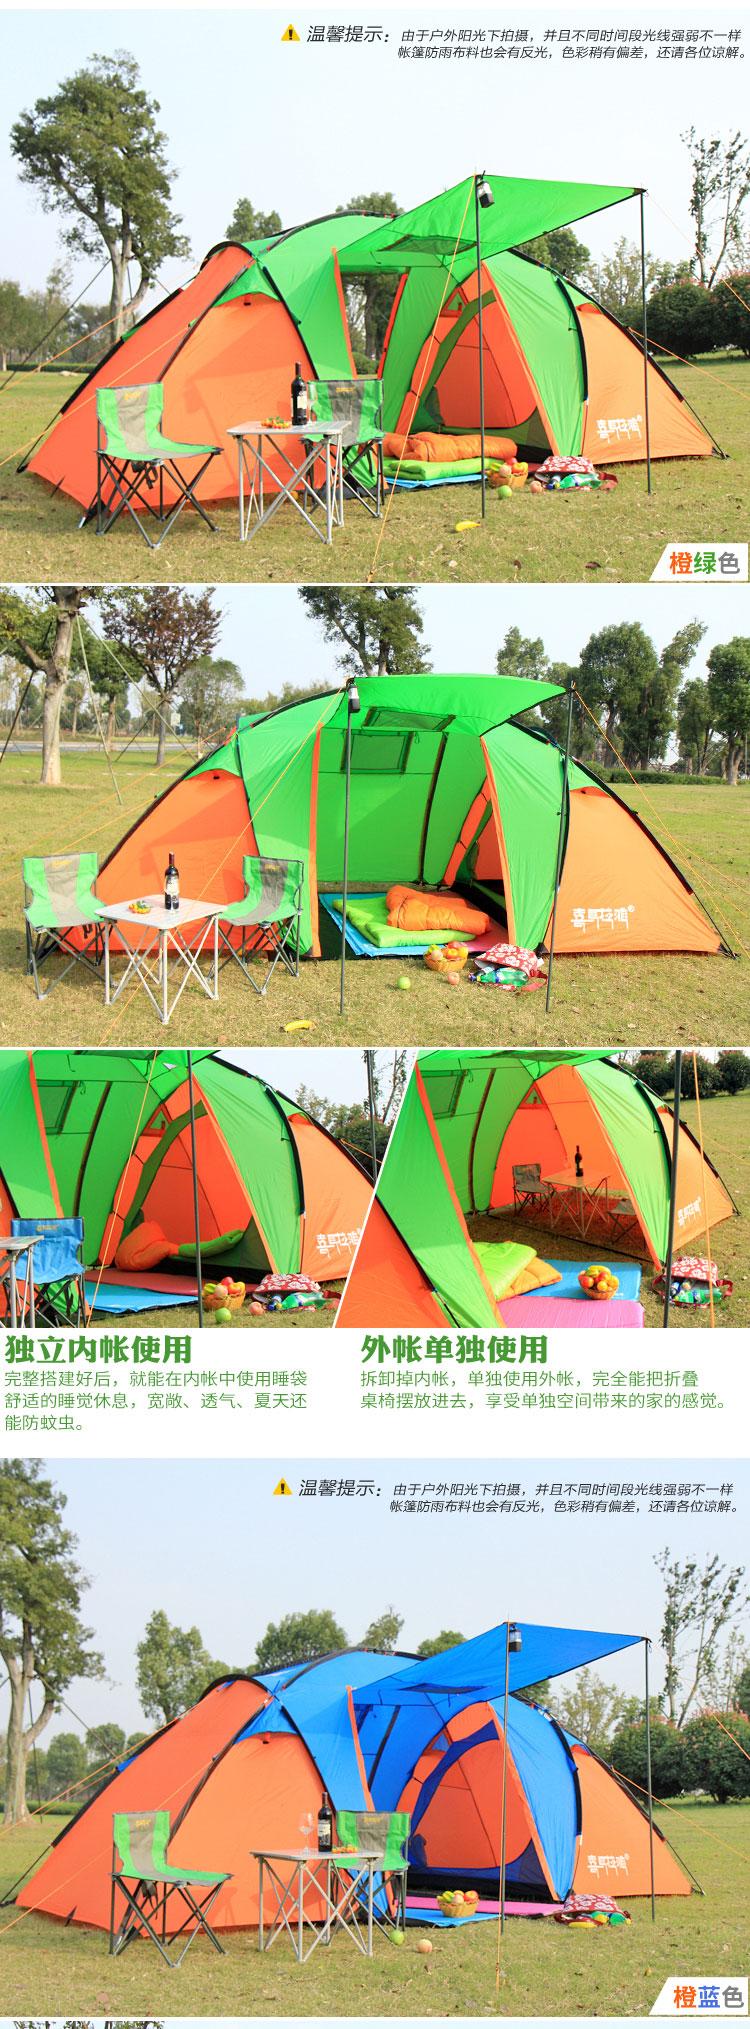 北京哪里可以搭帐篷